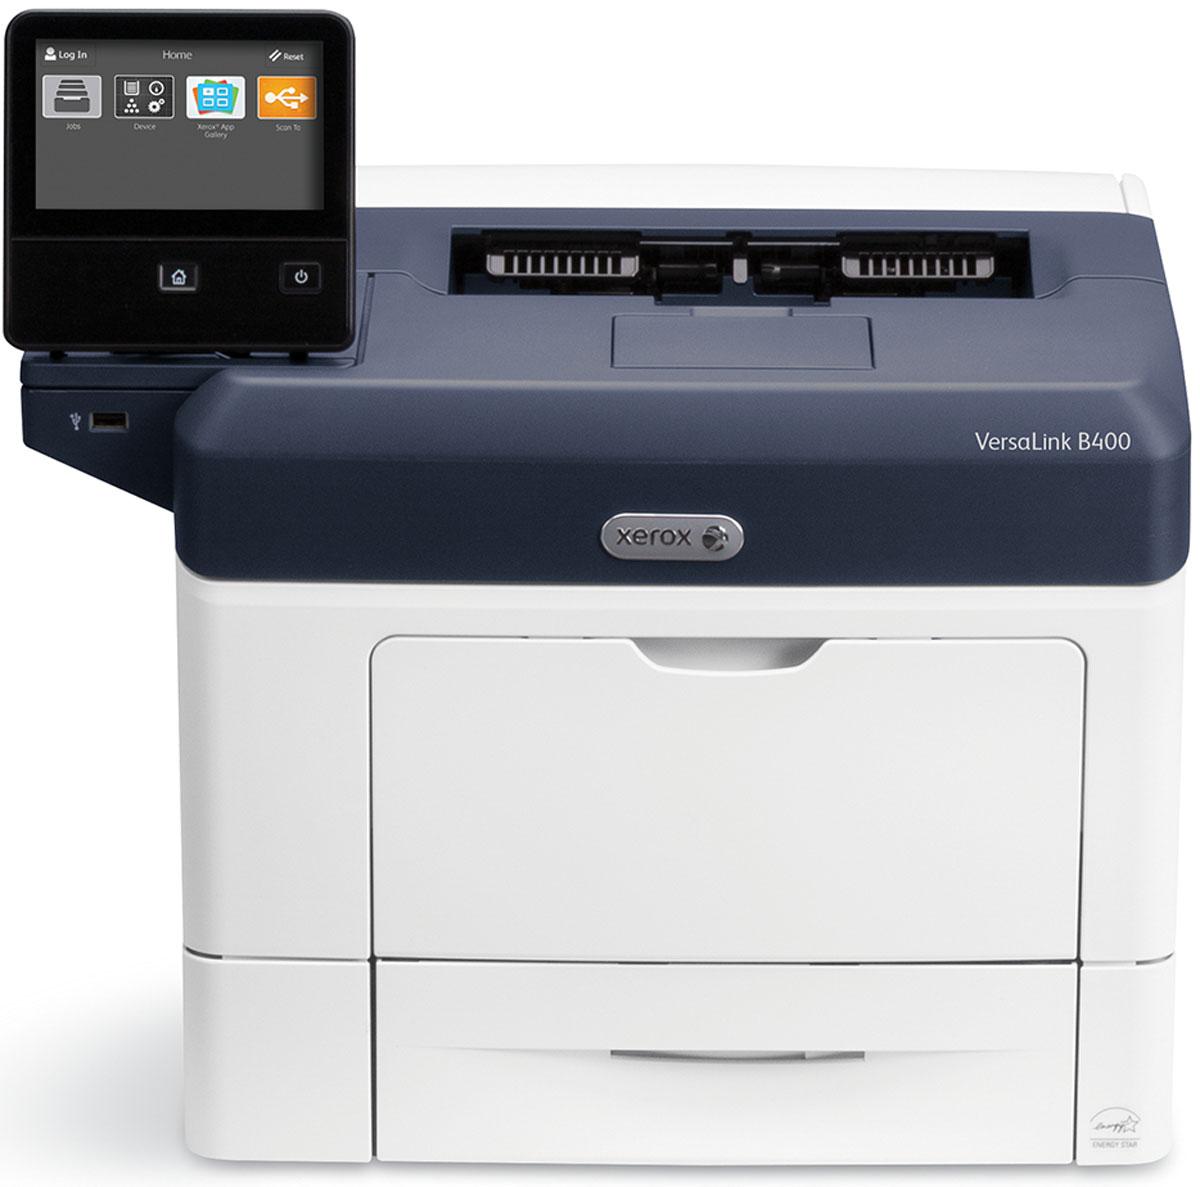 Xerox Versalink B400DN принтерVLB400V_DNМонохромный лазерный принтер Xerox Versalink B400DN создан на платформе Xerox ConnectKey - технологии, упрощающей выполнение стандартных задач и автоматизирующей процессы, способствуя повышению их эффективности. Принтер оборудован 5-дюймовым цветным сенсорным экраном, с которого осуществляется управление устройством. Единообразный пользовательский интерфейс интуитивно понятен для пользователя любого уровня, а также не требует дополнительных знаний при переходе от использования одного устройства к другому. Поворотный, емкостный экран можно индивидуально настроить для каждого пользователя устройства, с учетом его персональных предпочтений.Xerox VersaLink B400DN отличается неизменной надежностью, высоким качеством печати, производительностью и экономичностью. Печатает он со скоростью 45 страниц в минуту, обладает двухъядерным процессором с частотой 1,05 ГГц и встроенной памятью 2 Гб. Все функции, необходимые для современного офиса, доступны в базовой конфигурации устройства - двусторонняя печать, возможность подключения устройств к сети (Ethernet) и емкость устройств подачи бумаги на 700 листов. А наличие дополнительных опций и специальных возможностей позволяет вывести работу с документами на новый уровень и сократить неэффективные процессы.Простота в обращении и производительность-мастер установки для настройки аппарата пользователем-богатая базовая комплектация.Легкость подключения-прямой доступ к облачным сервисам Dropbox/Google Drive/OneDrive-работа с мобильными устройствами с использованием новейших технологий с поддержкой Apple AirPrint, Xerox PrintBack и Google Cloud Print-возможность одновременного проводного и беспроводного соединения.Удобный интерфейс-персонализированный инструментарий для каждого пользователя-доступ к библиотеке приложений Xerox App Gallery.Струйный или лазерный принтер: какой лучше? Статья OZON Гид